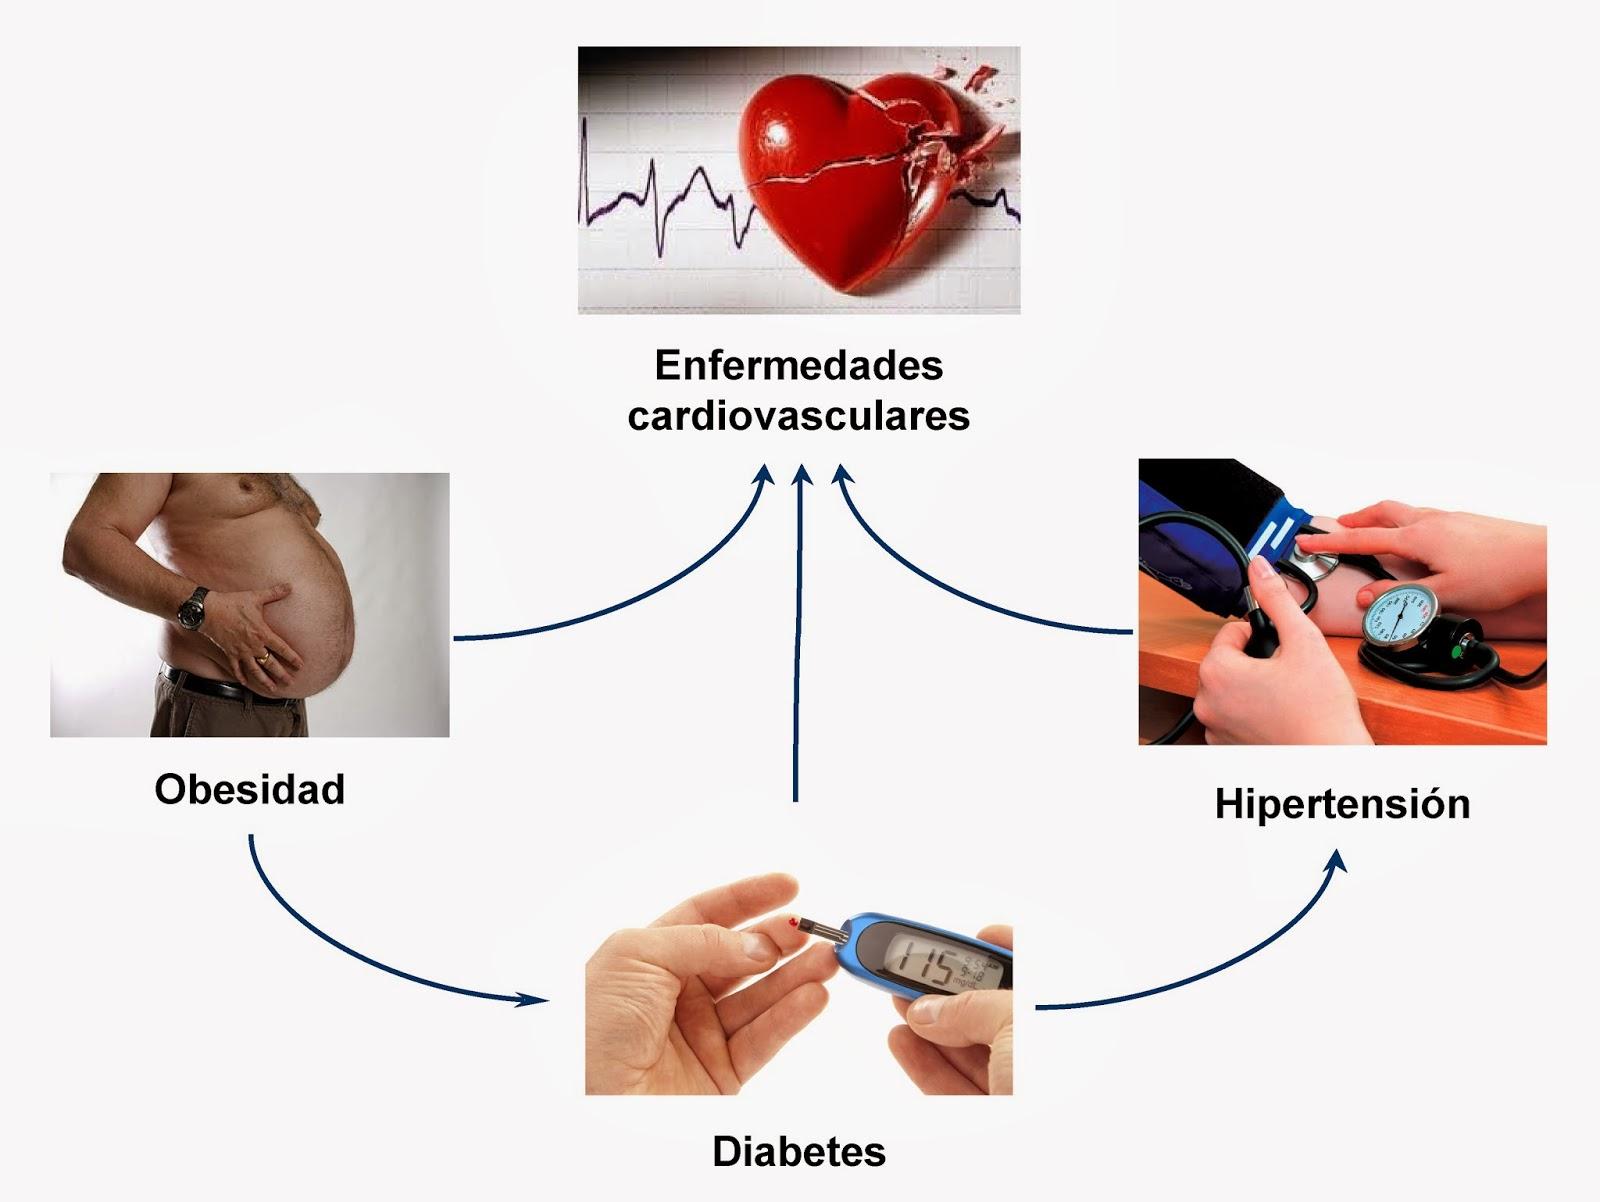 Y obesidad relacion hipertension